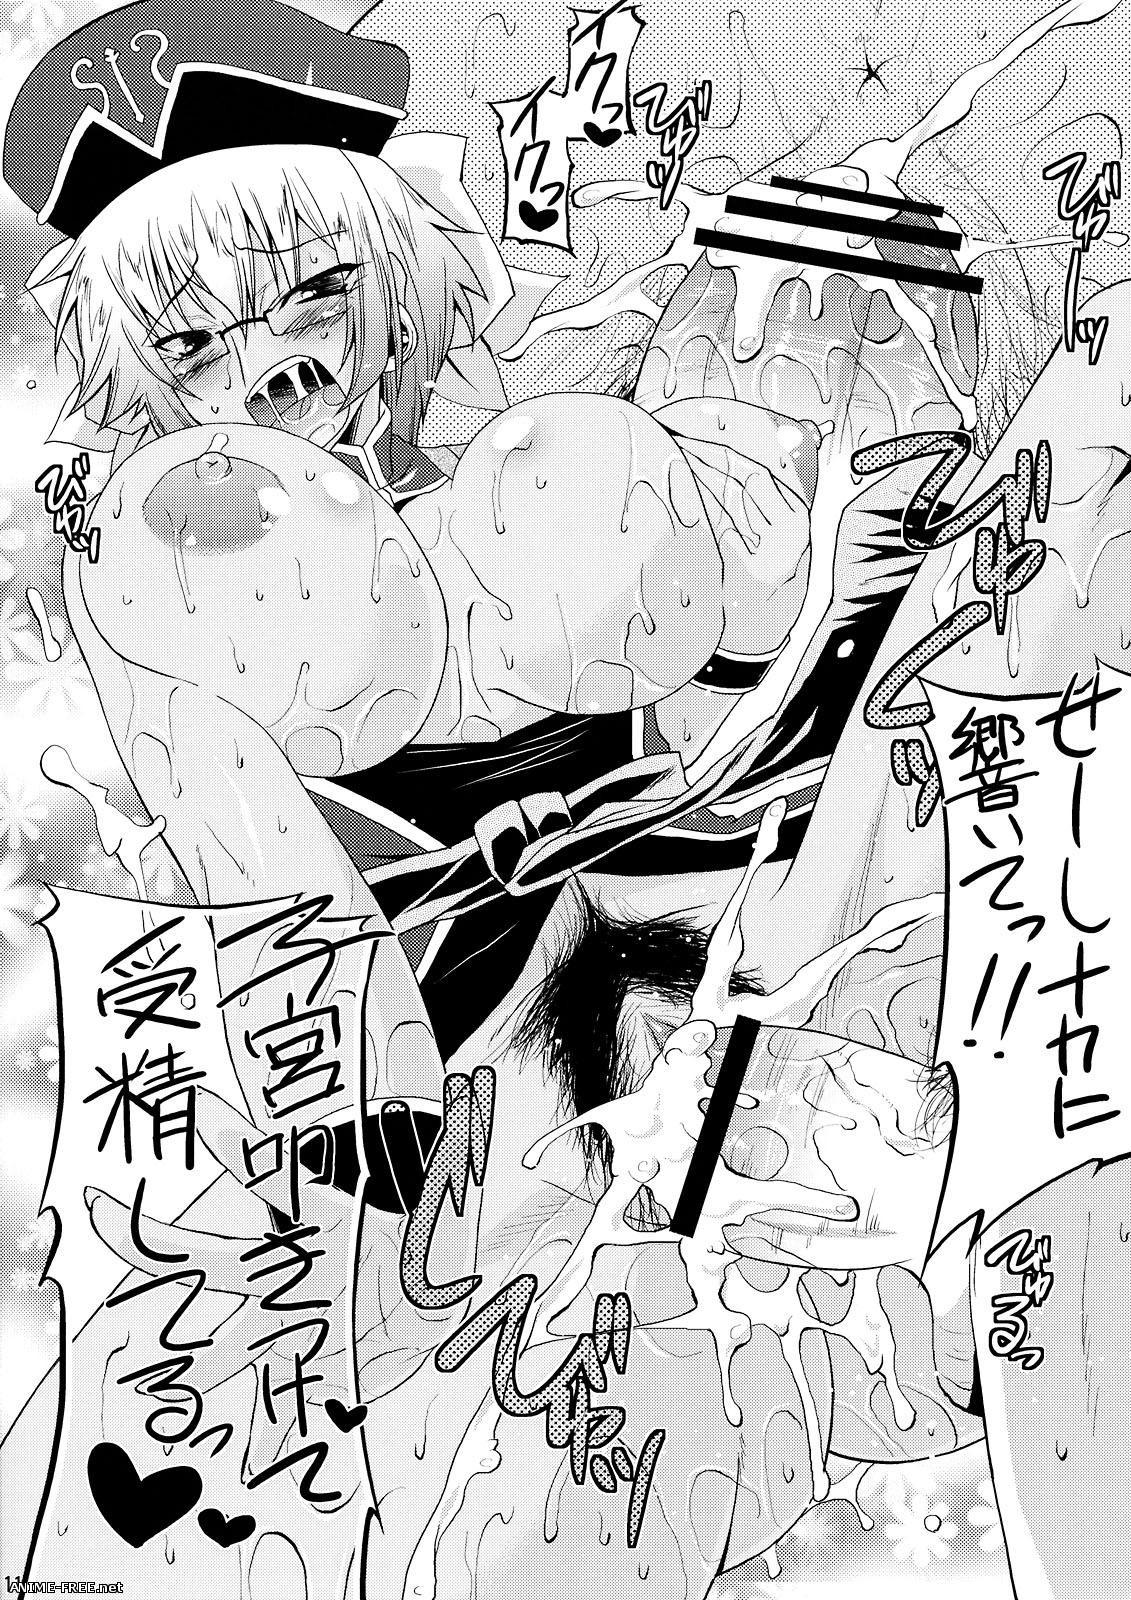 Utamaro - cборник хентай манги [Ptcen] [JAP,ENG,RUS] Manga Hentai